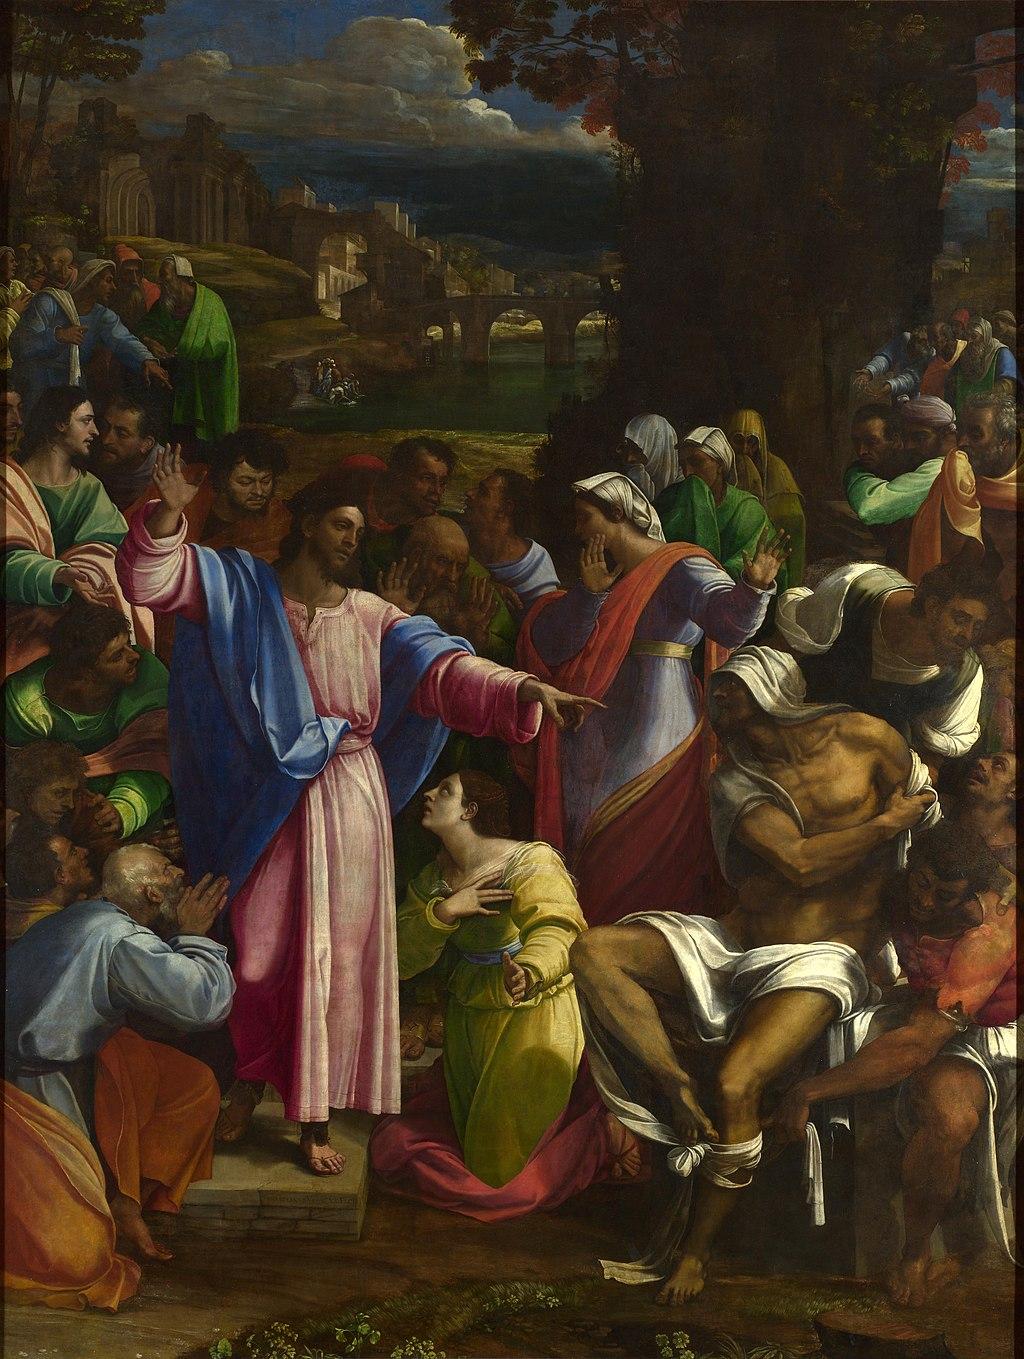 Sebastiano del Piombo, The Raising of Lazarus